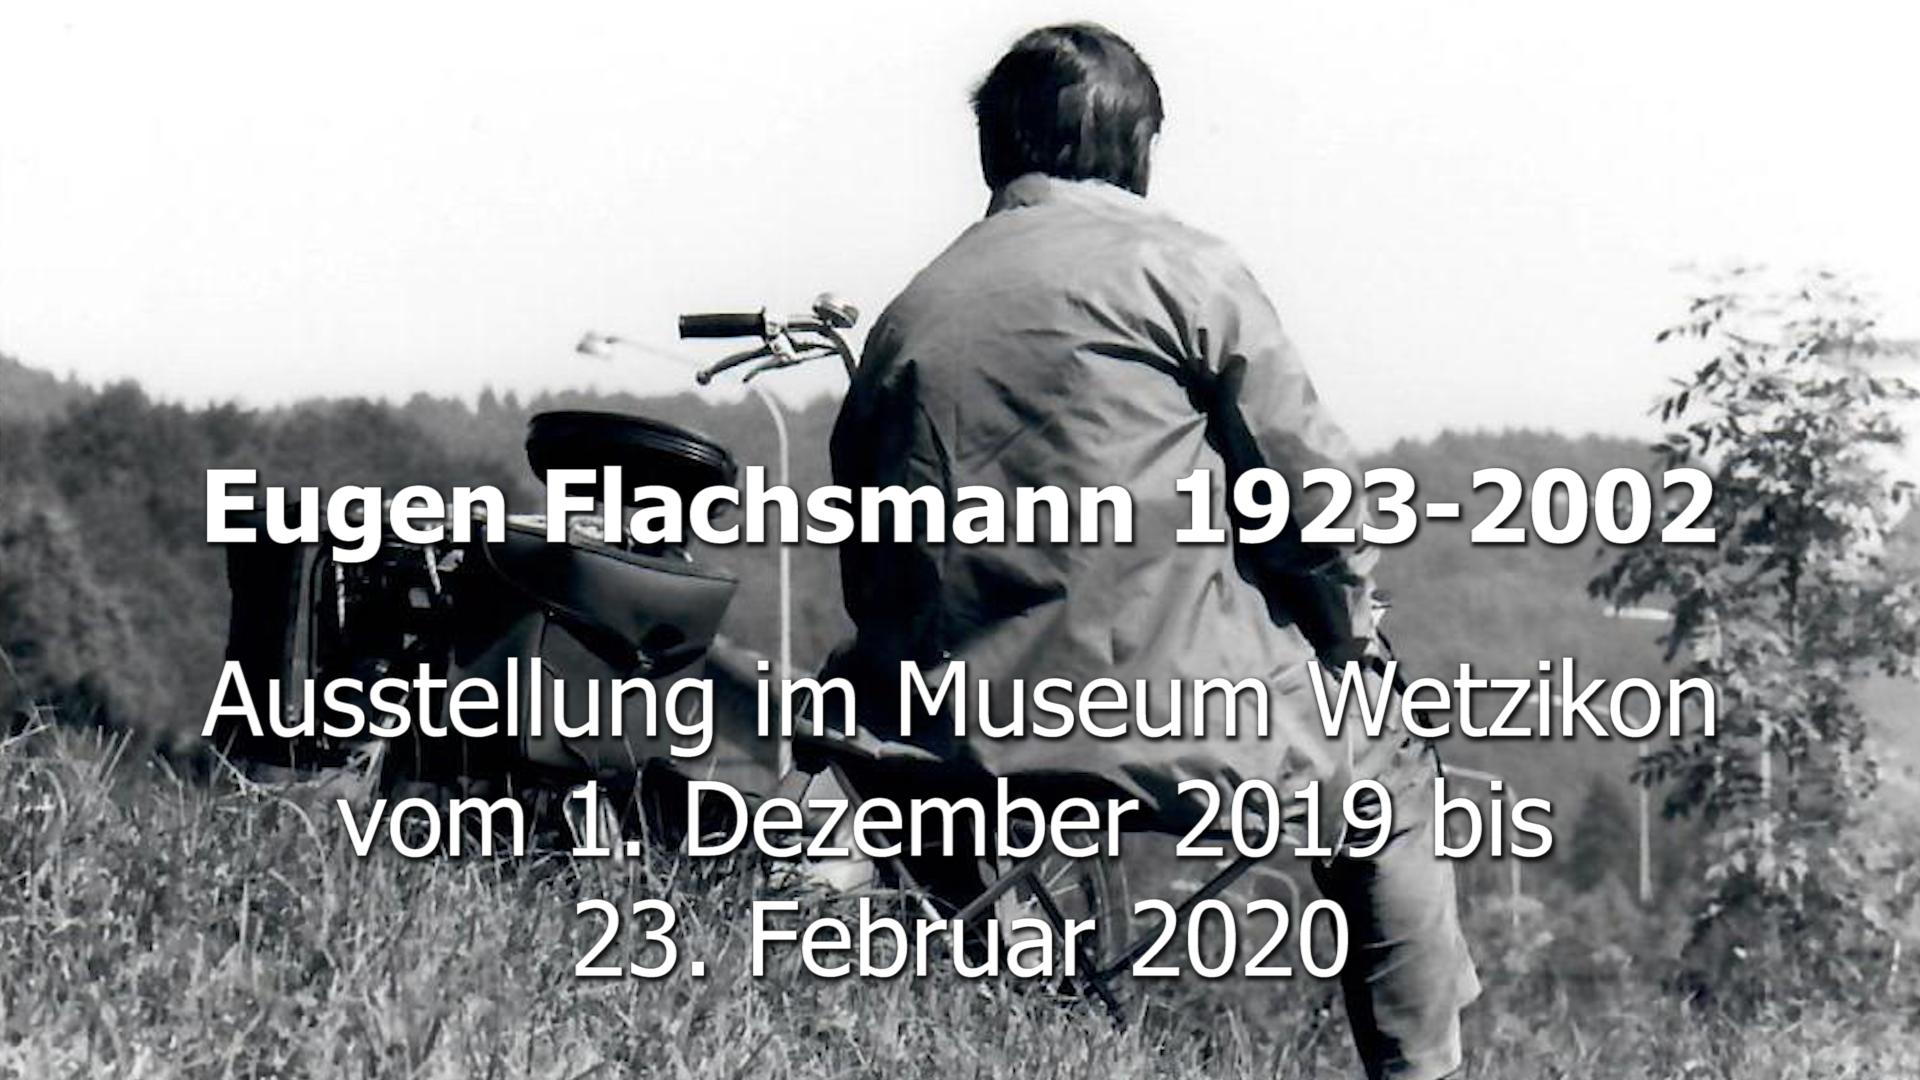 """<a href=""""https://www.museum-wetzikon.ch"""" target=""""_blank"""">Ausstellung im Museum</a>"""